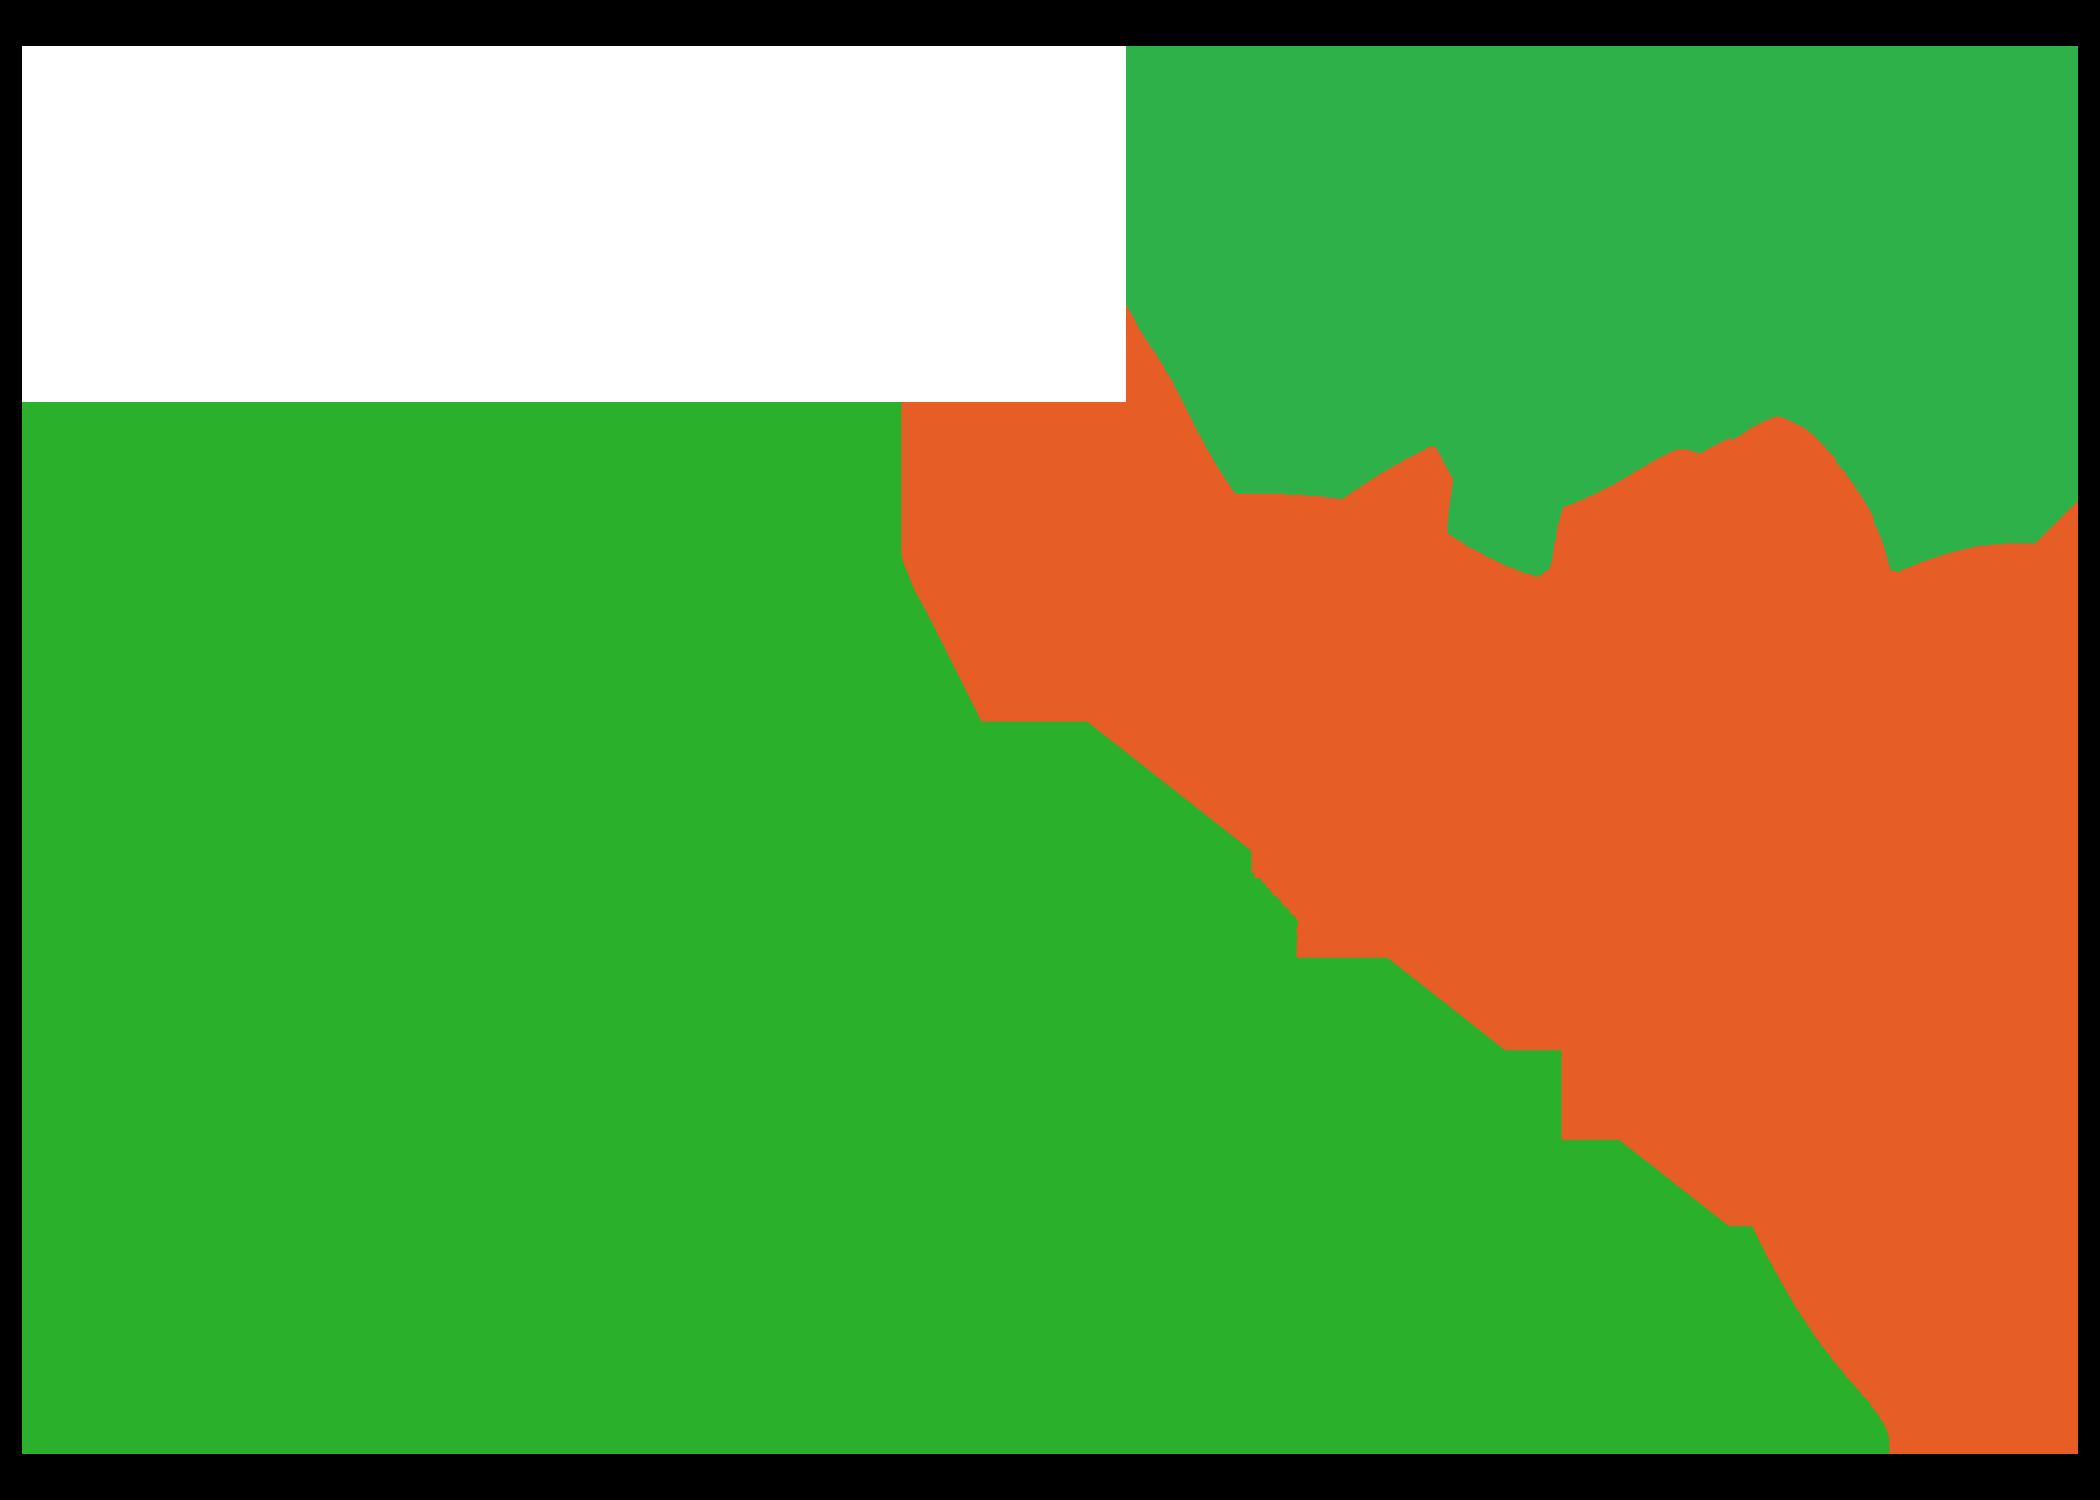 East African Health Platform, EAHP